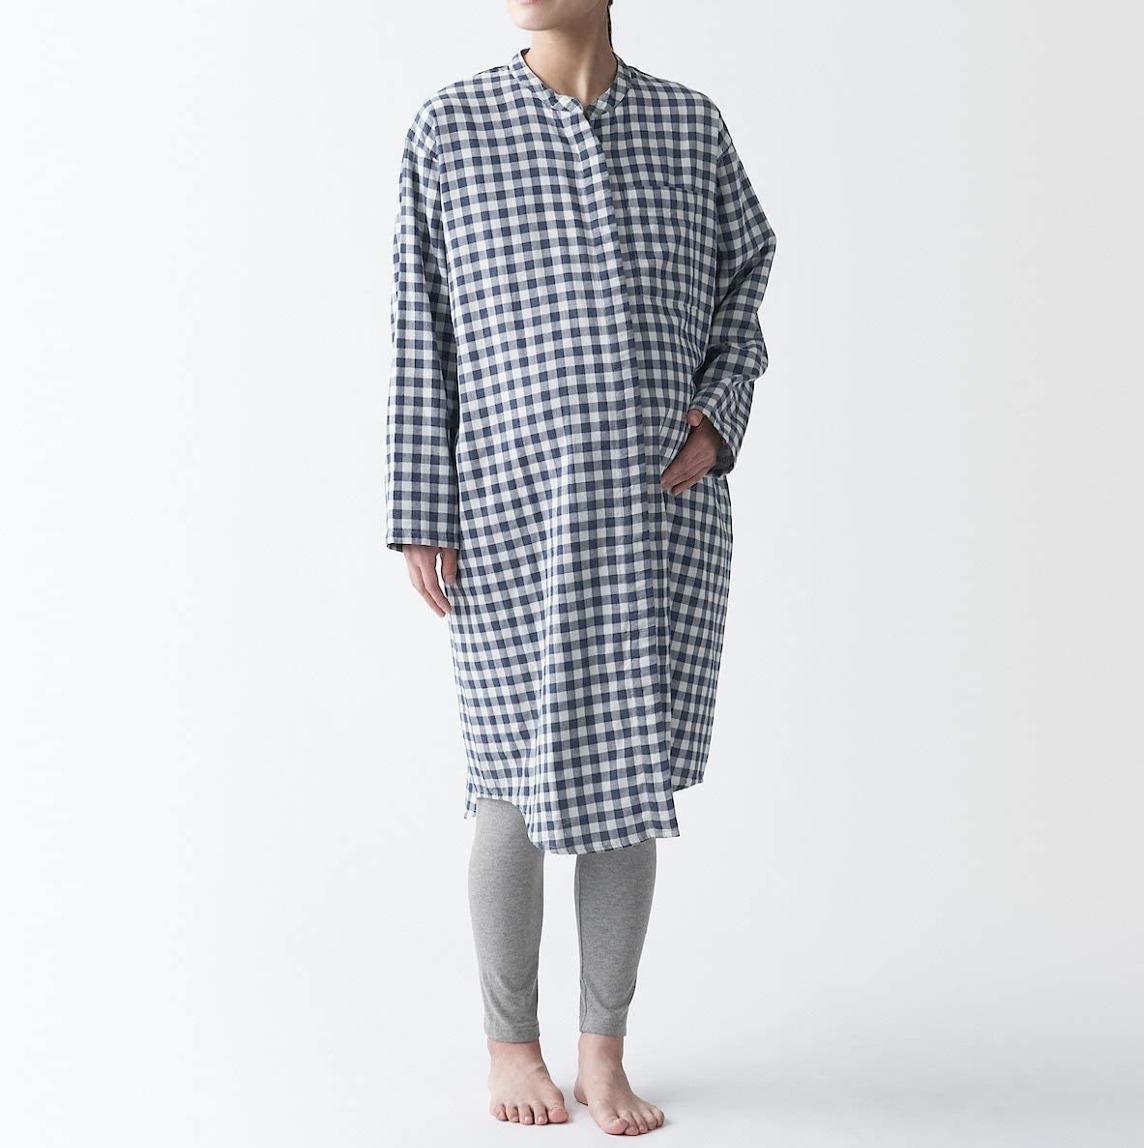 無印のマタニティさん向けプレゼントパジャマ